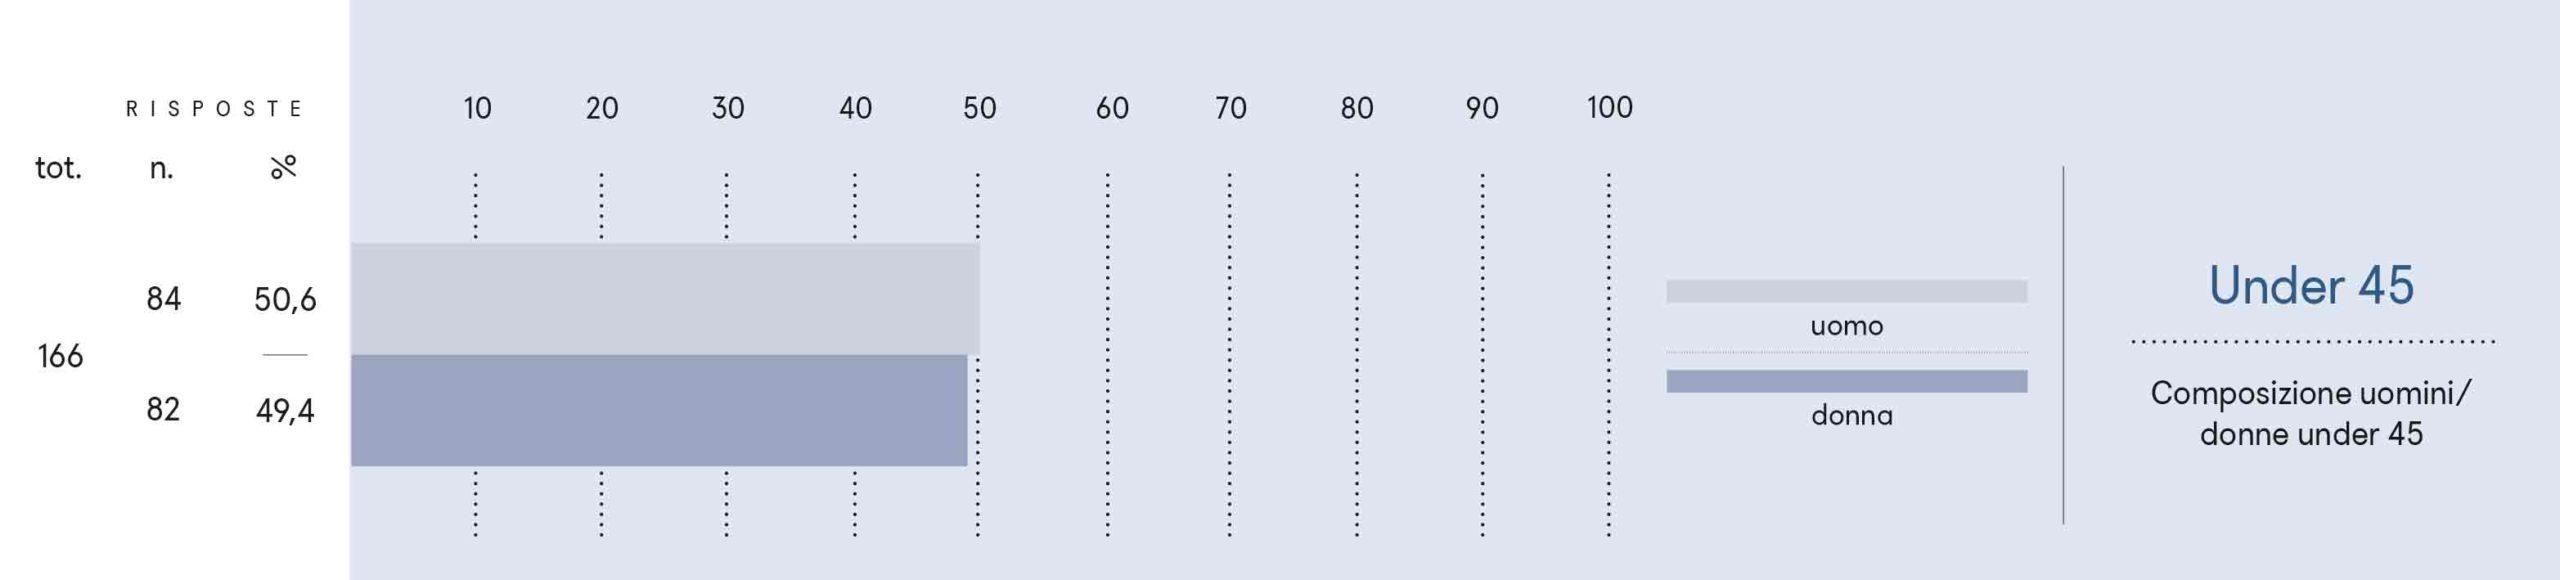 Composizione uomini/donne under 45.